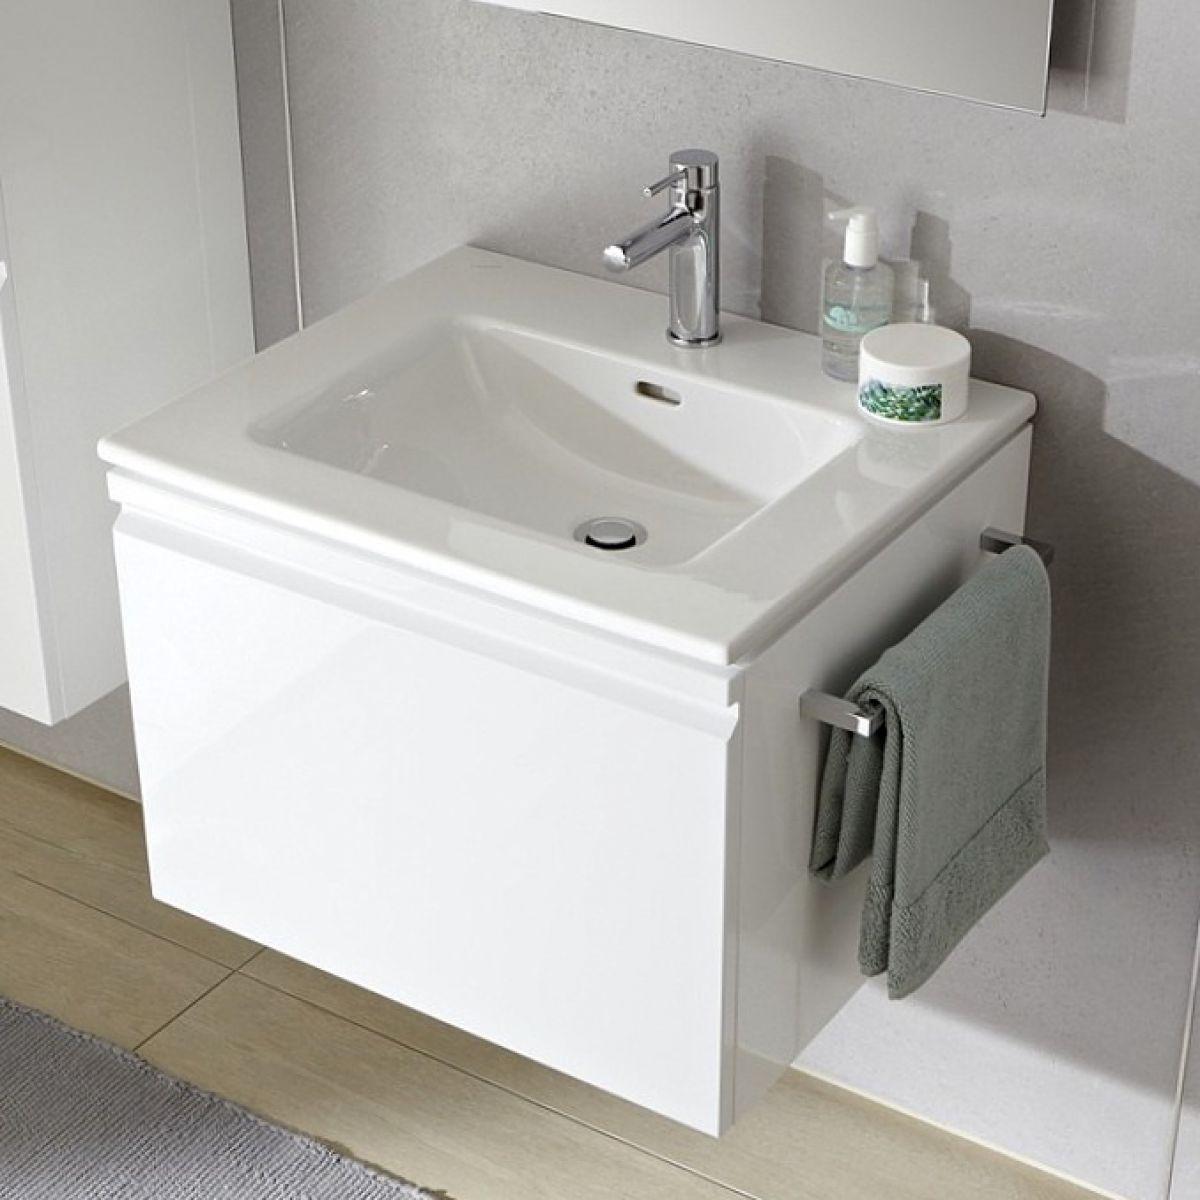 laufen pro s single drawer vanity unit slim basin uk bathrooms. Black Bedroom Furniture Sets. Home Design Ideas